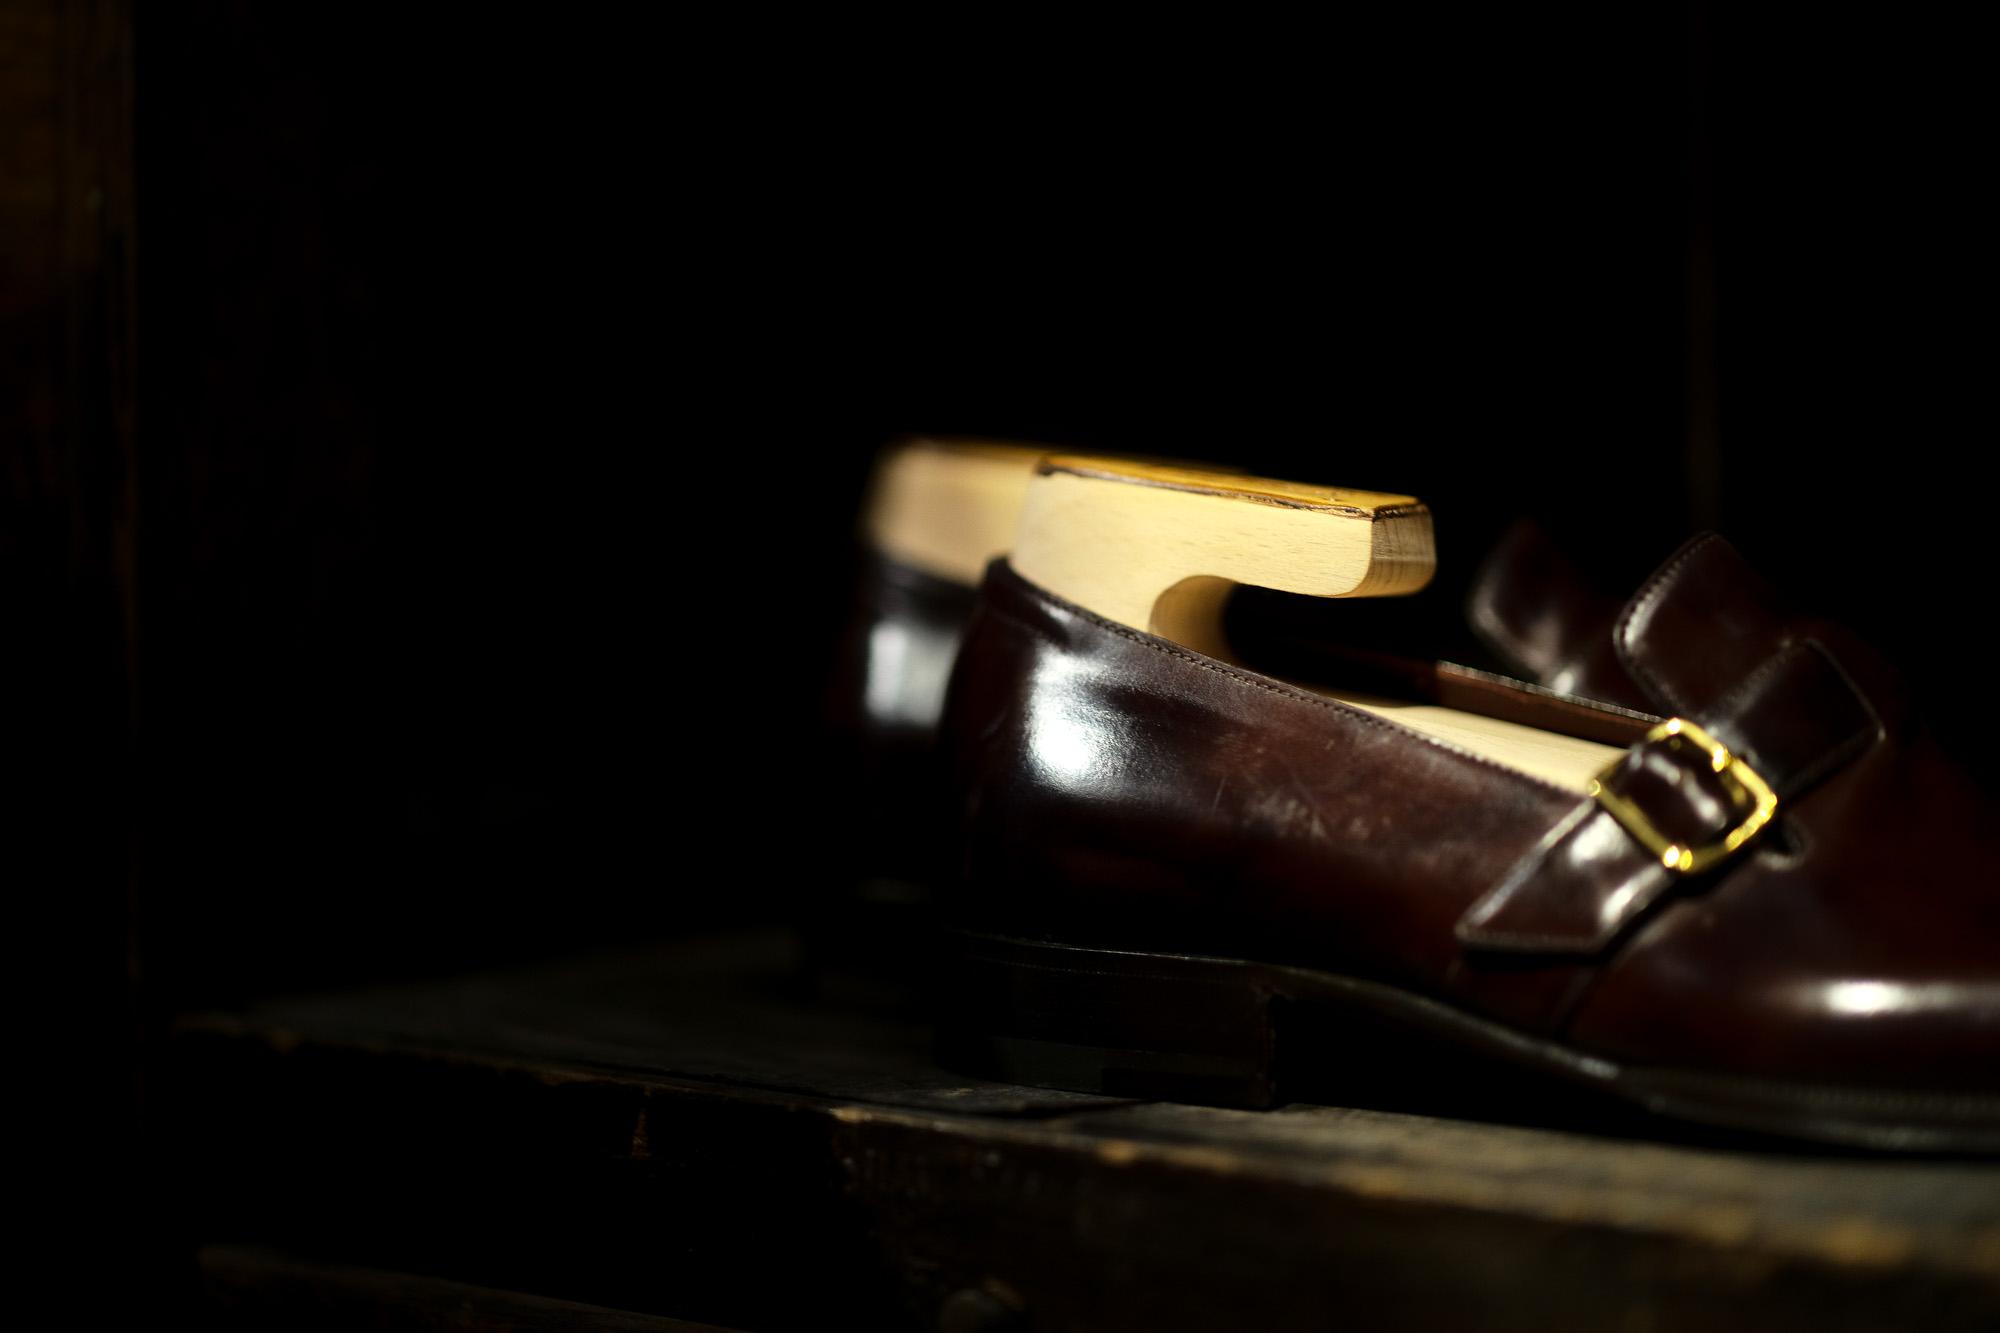 ENZO BONAFE(エンツォボナフェ) ART. EB-44 SLIP ON スリッポン MUSEUM CALF(ミュージアムカーフ) ドレスシューズ スリッポン DARK BROWN (ダークブラウン) made in italy (イタリア製) 2021 愛知 名古屋 Alto e Diritto altoediritto アルトエデリット